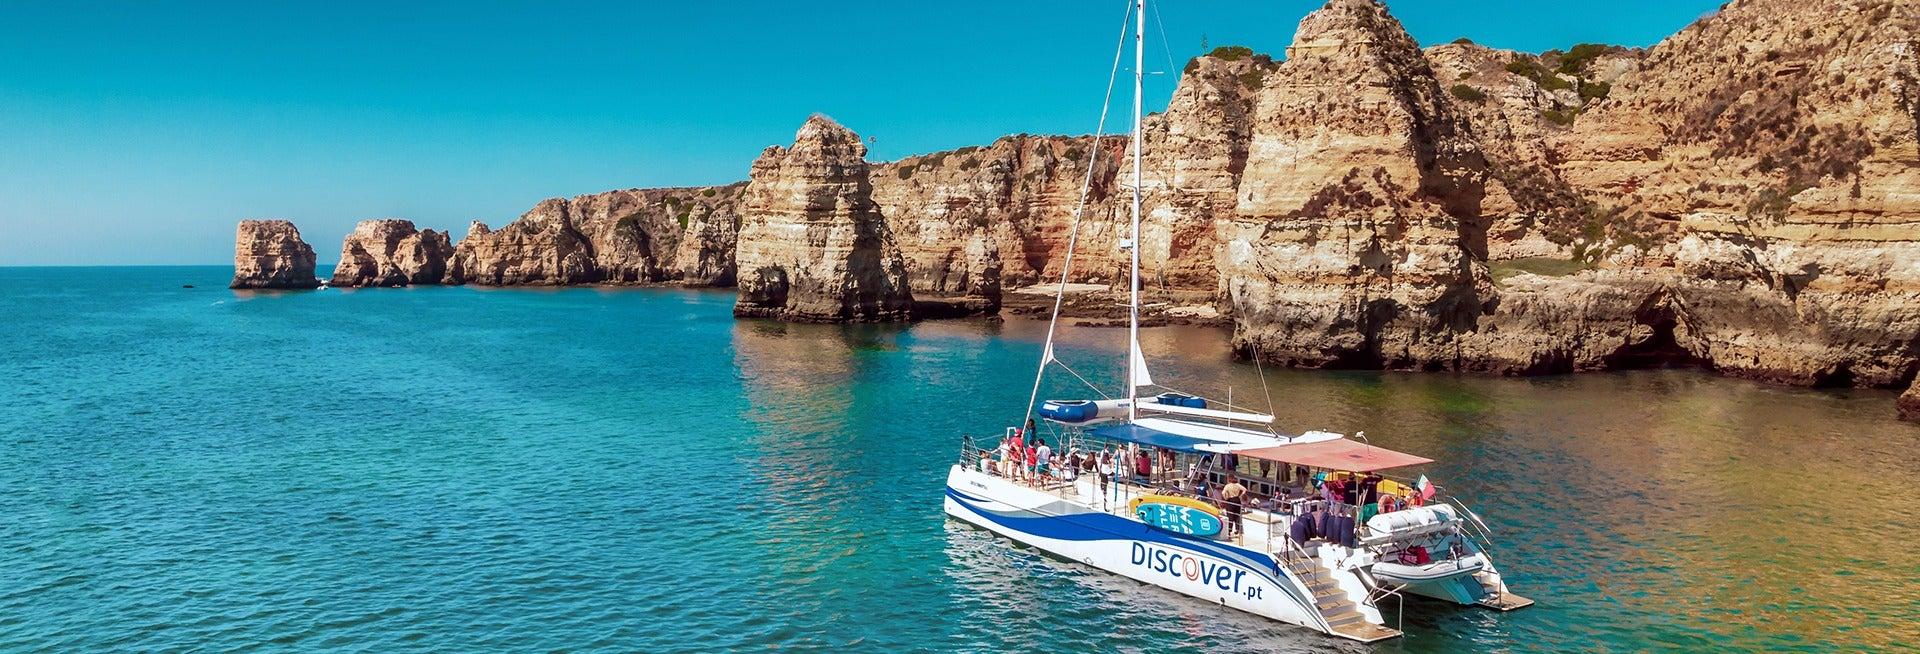 Passeio de catamarã pela costa do Algarve